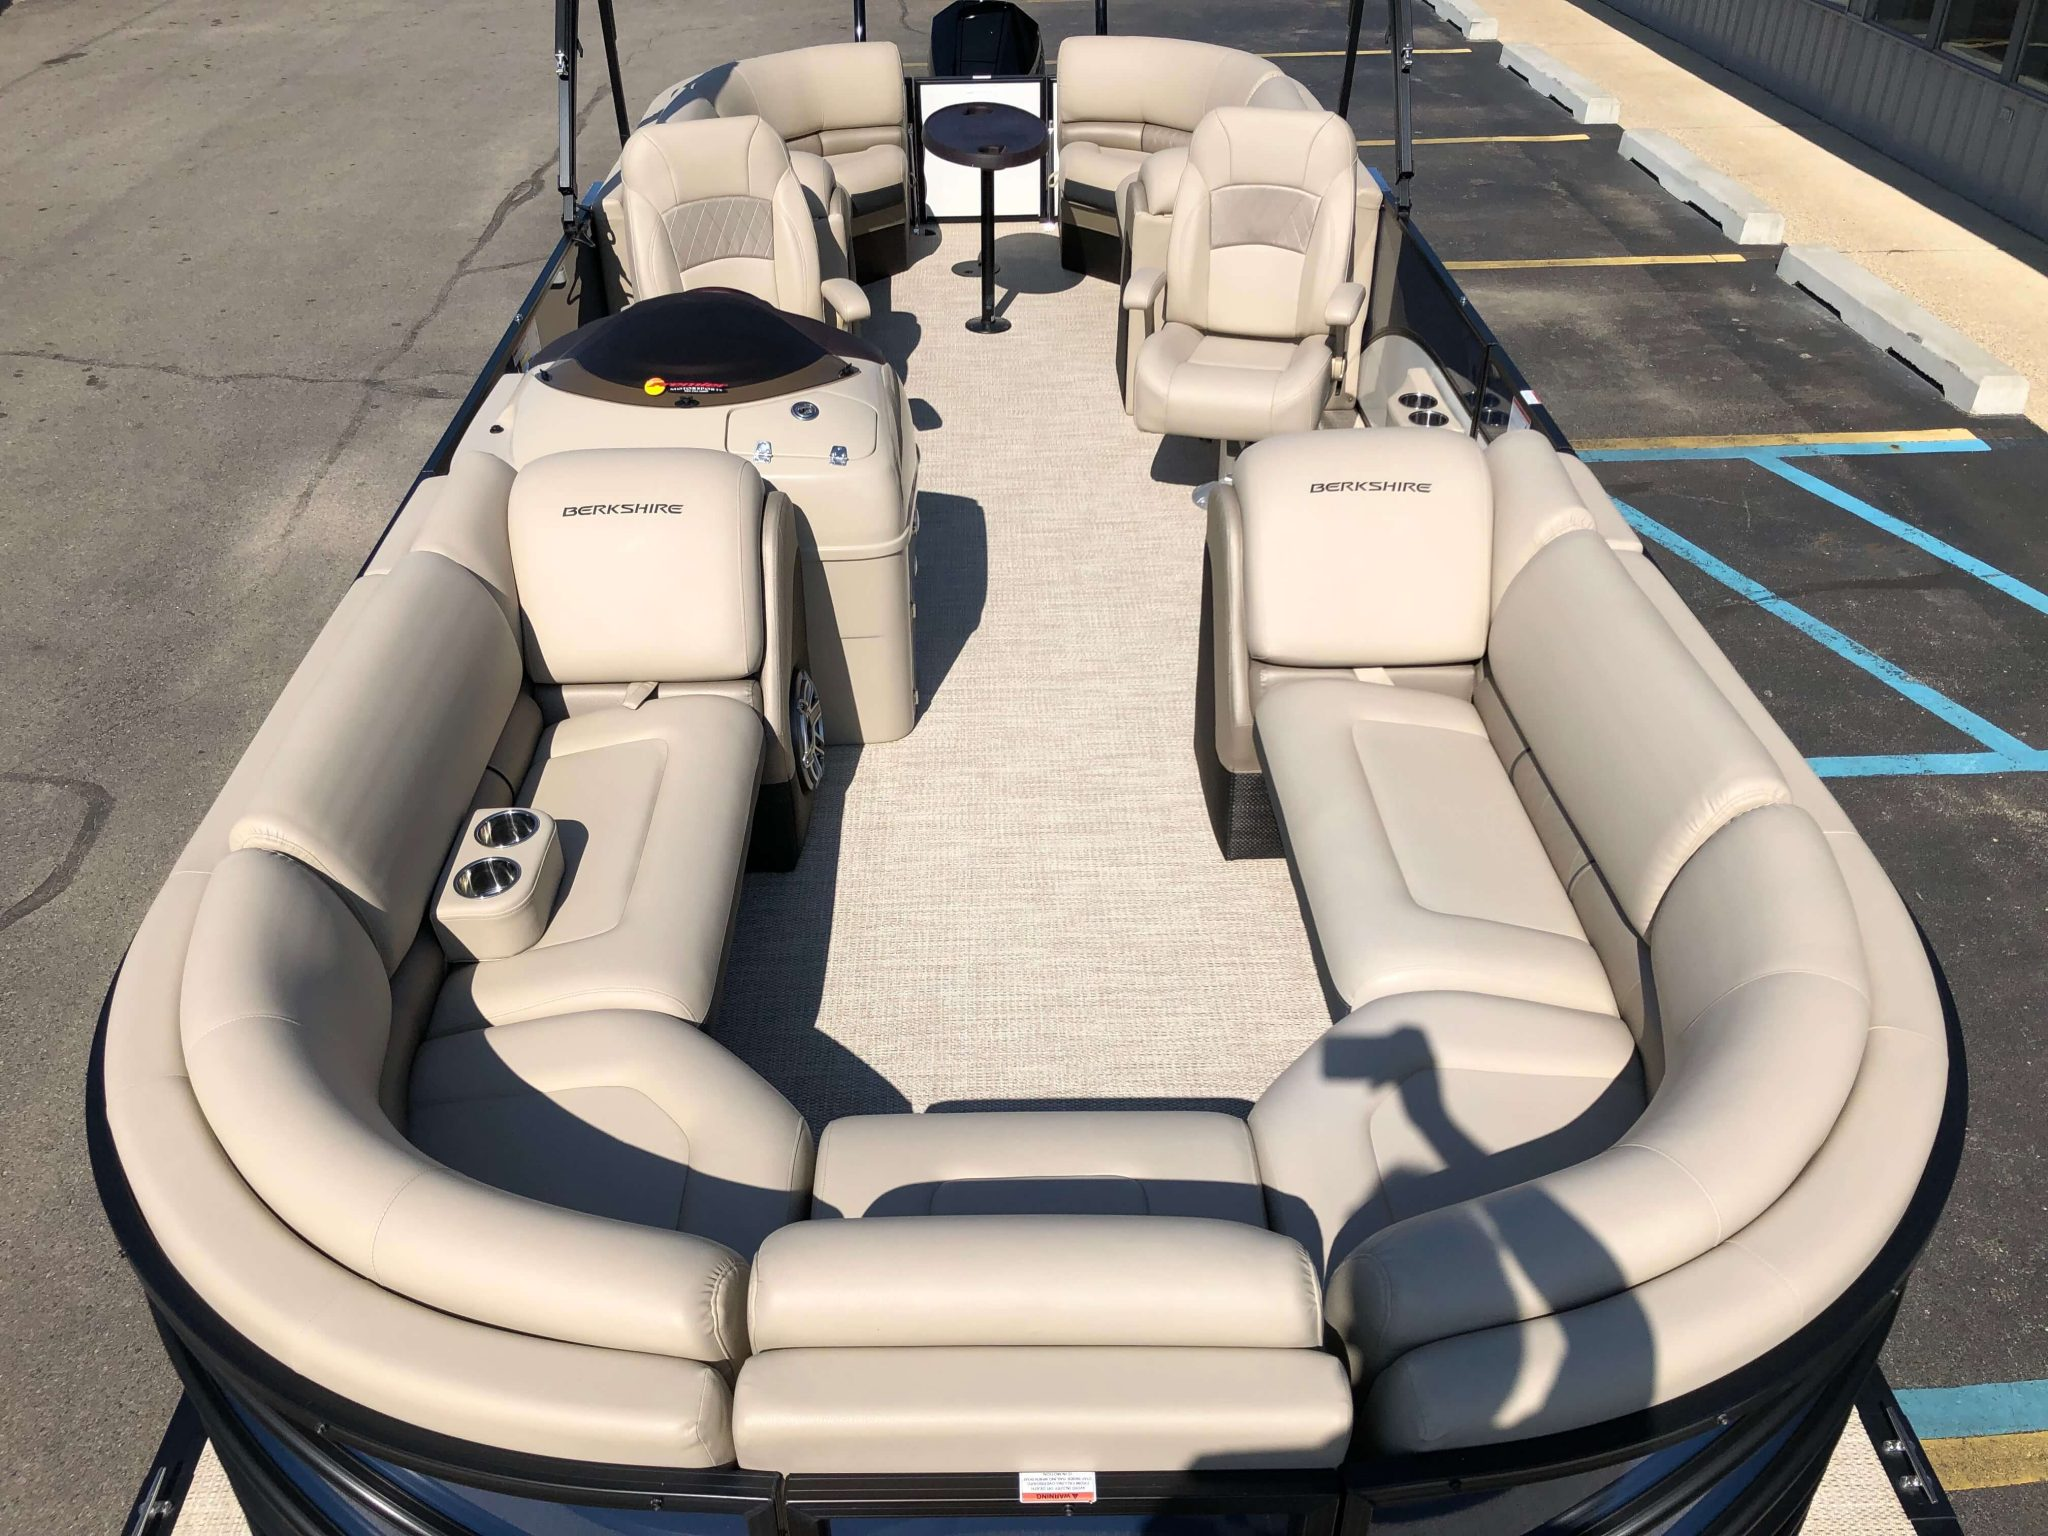 2019 Berkshire 25RFX STS Luxury Tritoon Layout 1